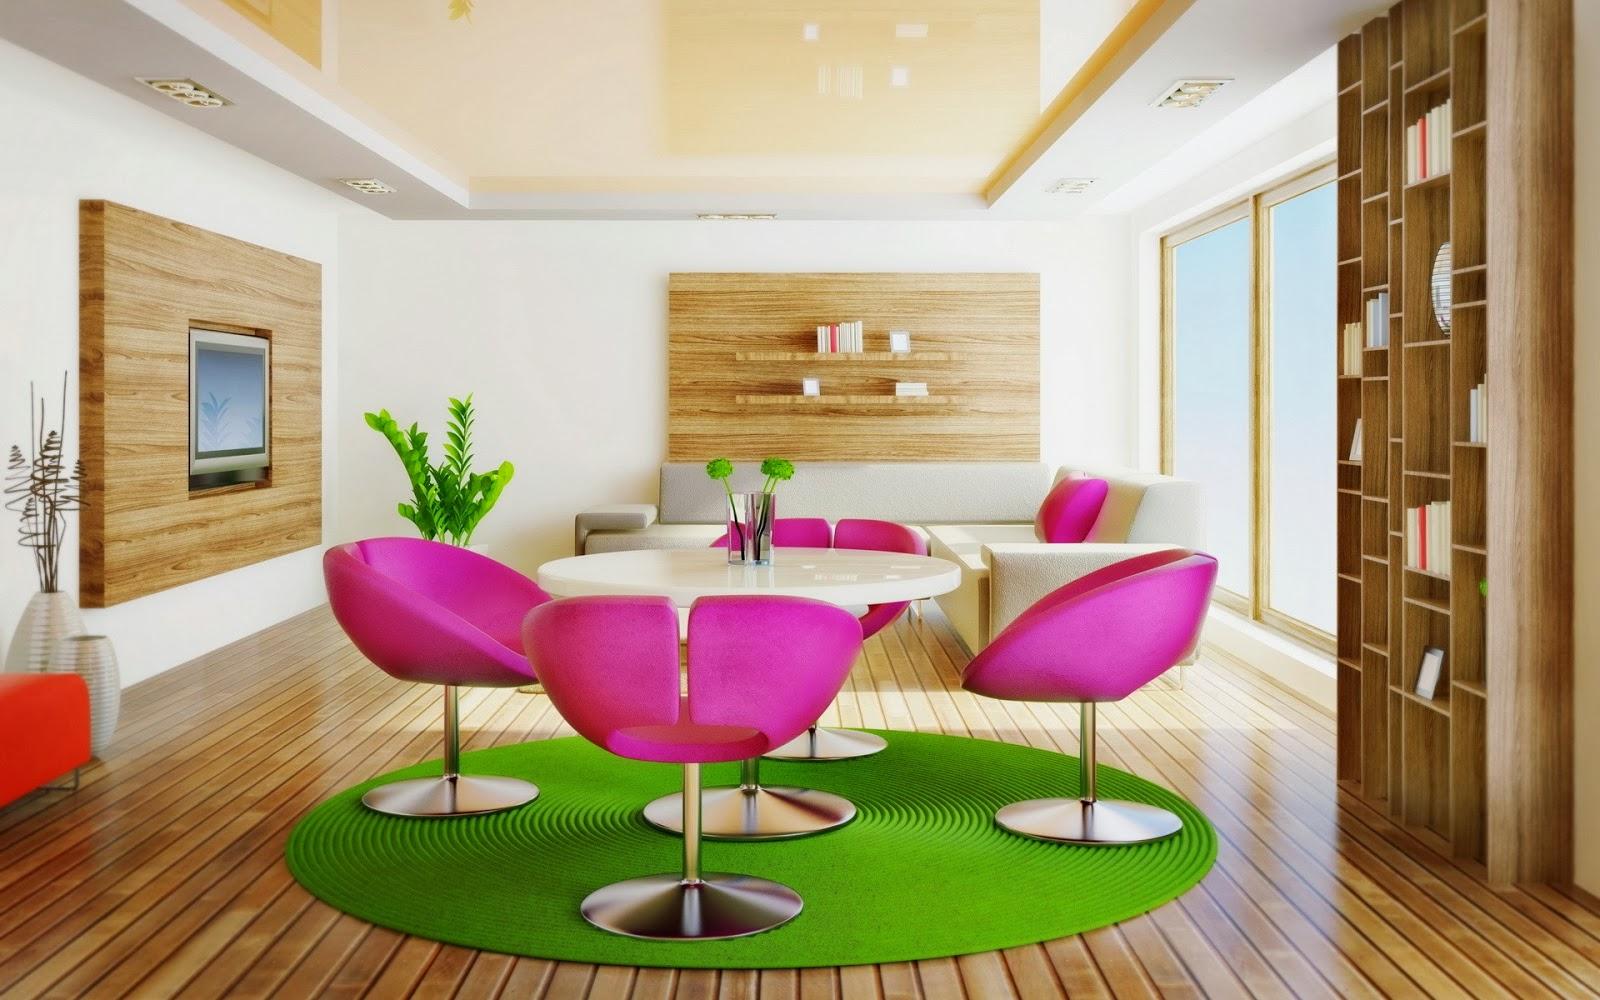 decoracao de interiores faceis de fazer : decoracao de interiores faceis de fazer:podemos a partir deste modelo de decoração de interiores criar